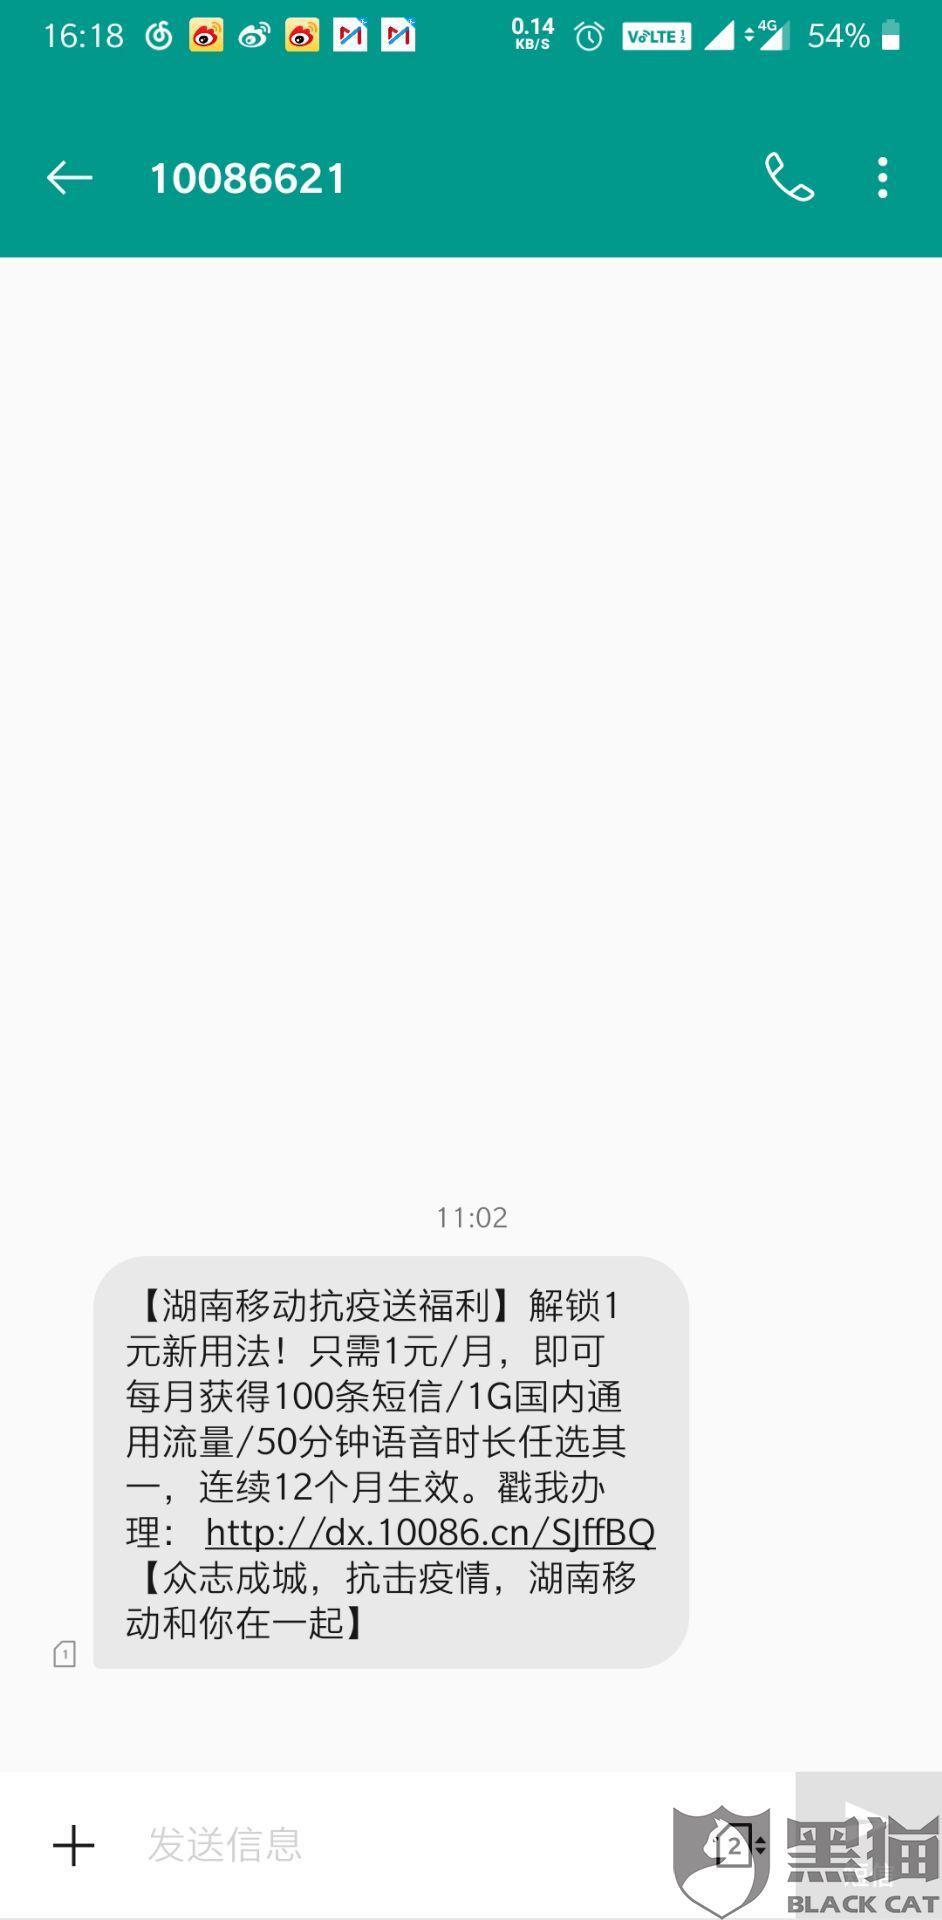 黑猫投诉:中国移动,湖南移动涉嫌虚假宣传活动。